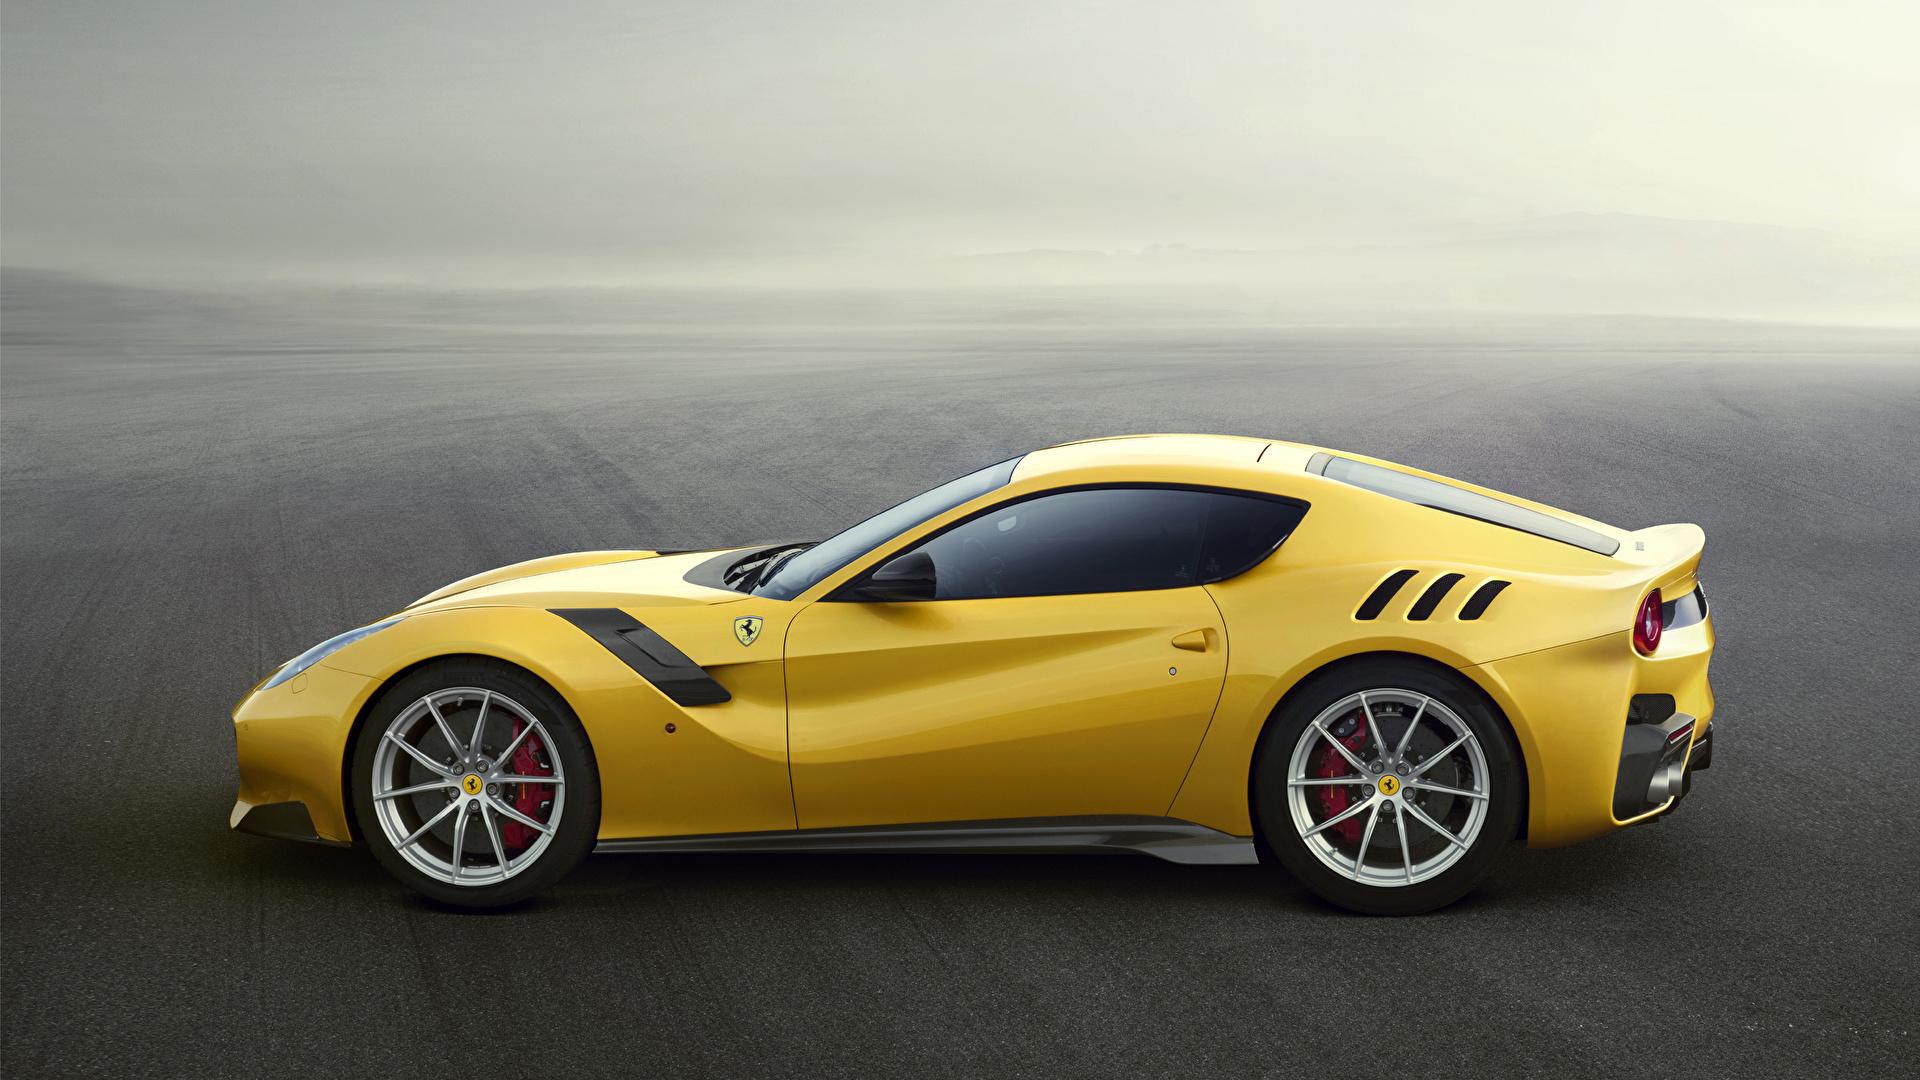 Фотографии 2015 Ferrari F12 TDF Berlinetta желтые авто Сбоку 1920x1080 Феррари желтых Желтый желтая машина машины автомобиль Автомобили